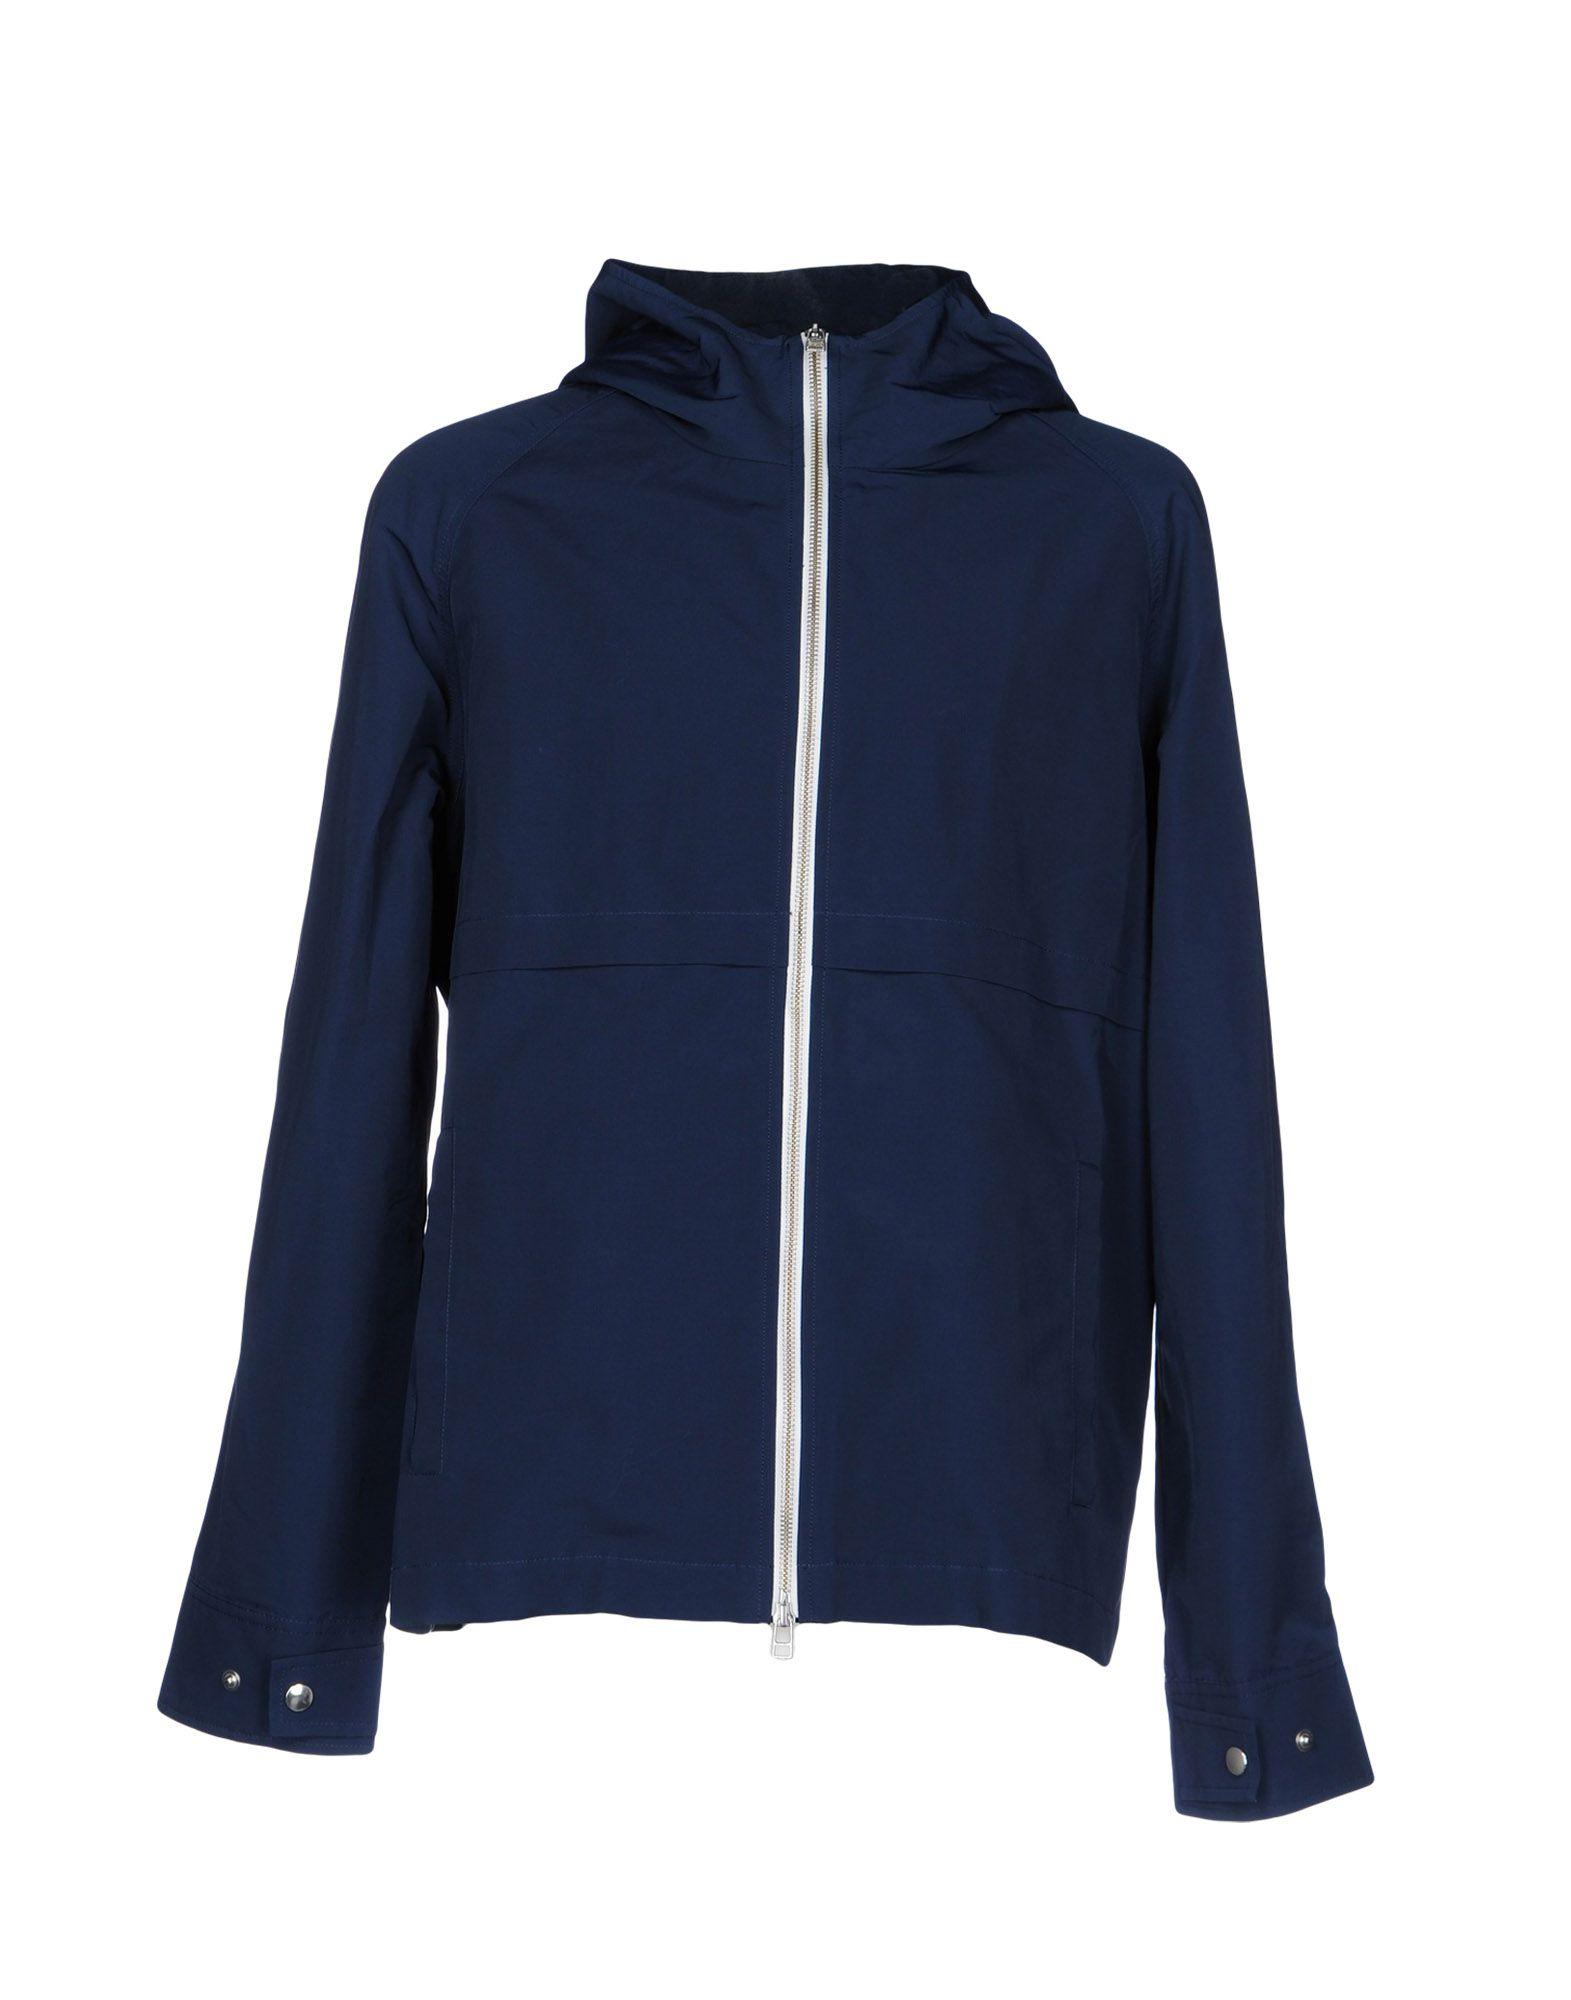 HENTSCH MAN Jackets in Dark Blue